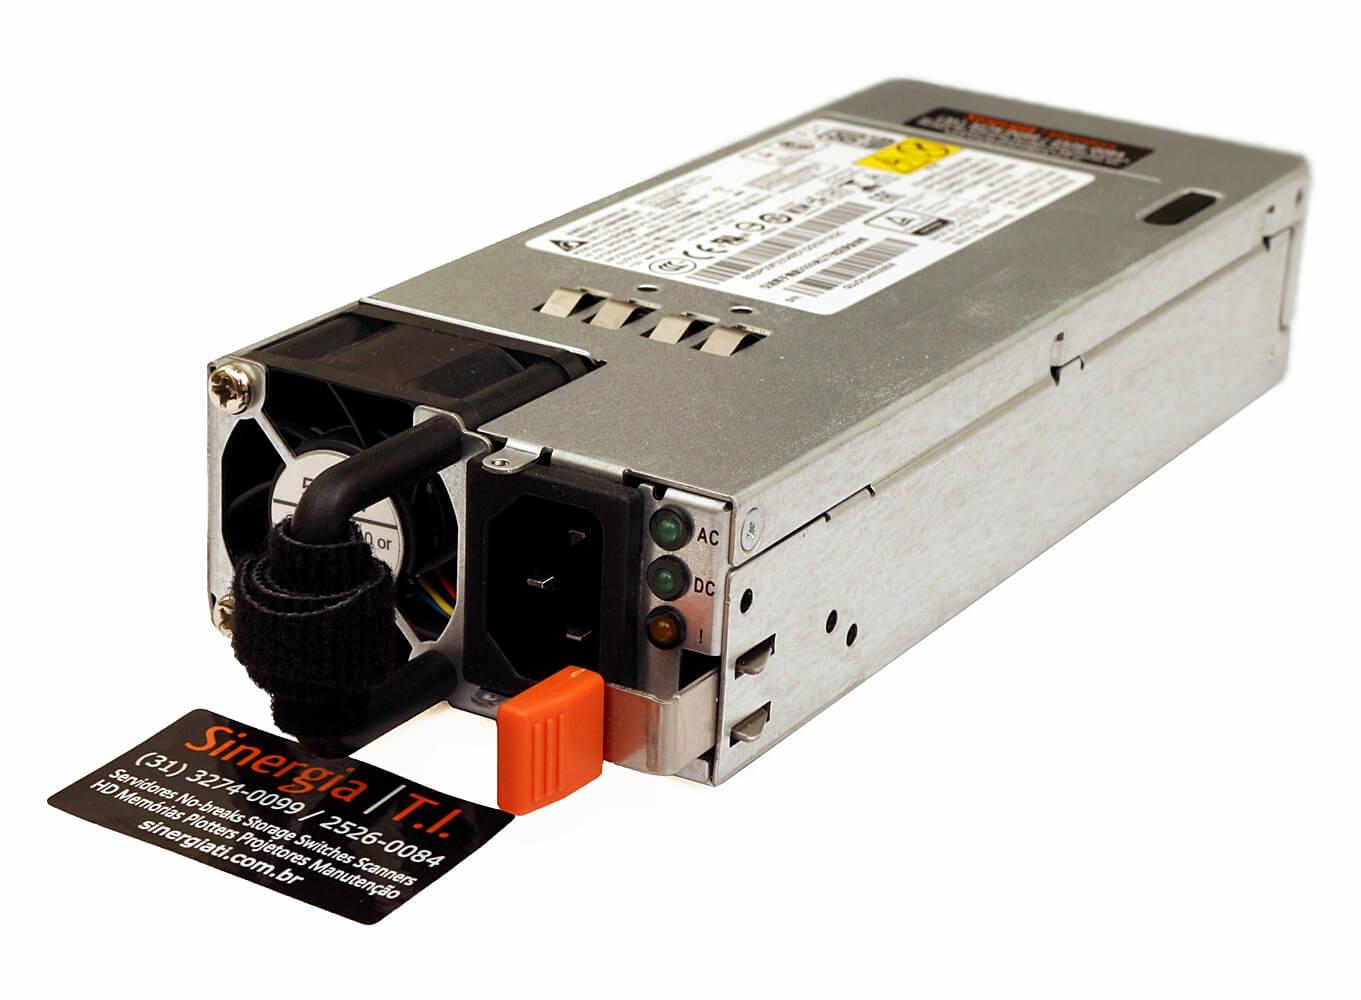 4X20F28579 FONTE REDUNDANTE LENOVO 550W HOT SWAP PARA SERVIDORES THINKSERVER RD550 RD650 TD350 RD450 RD350